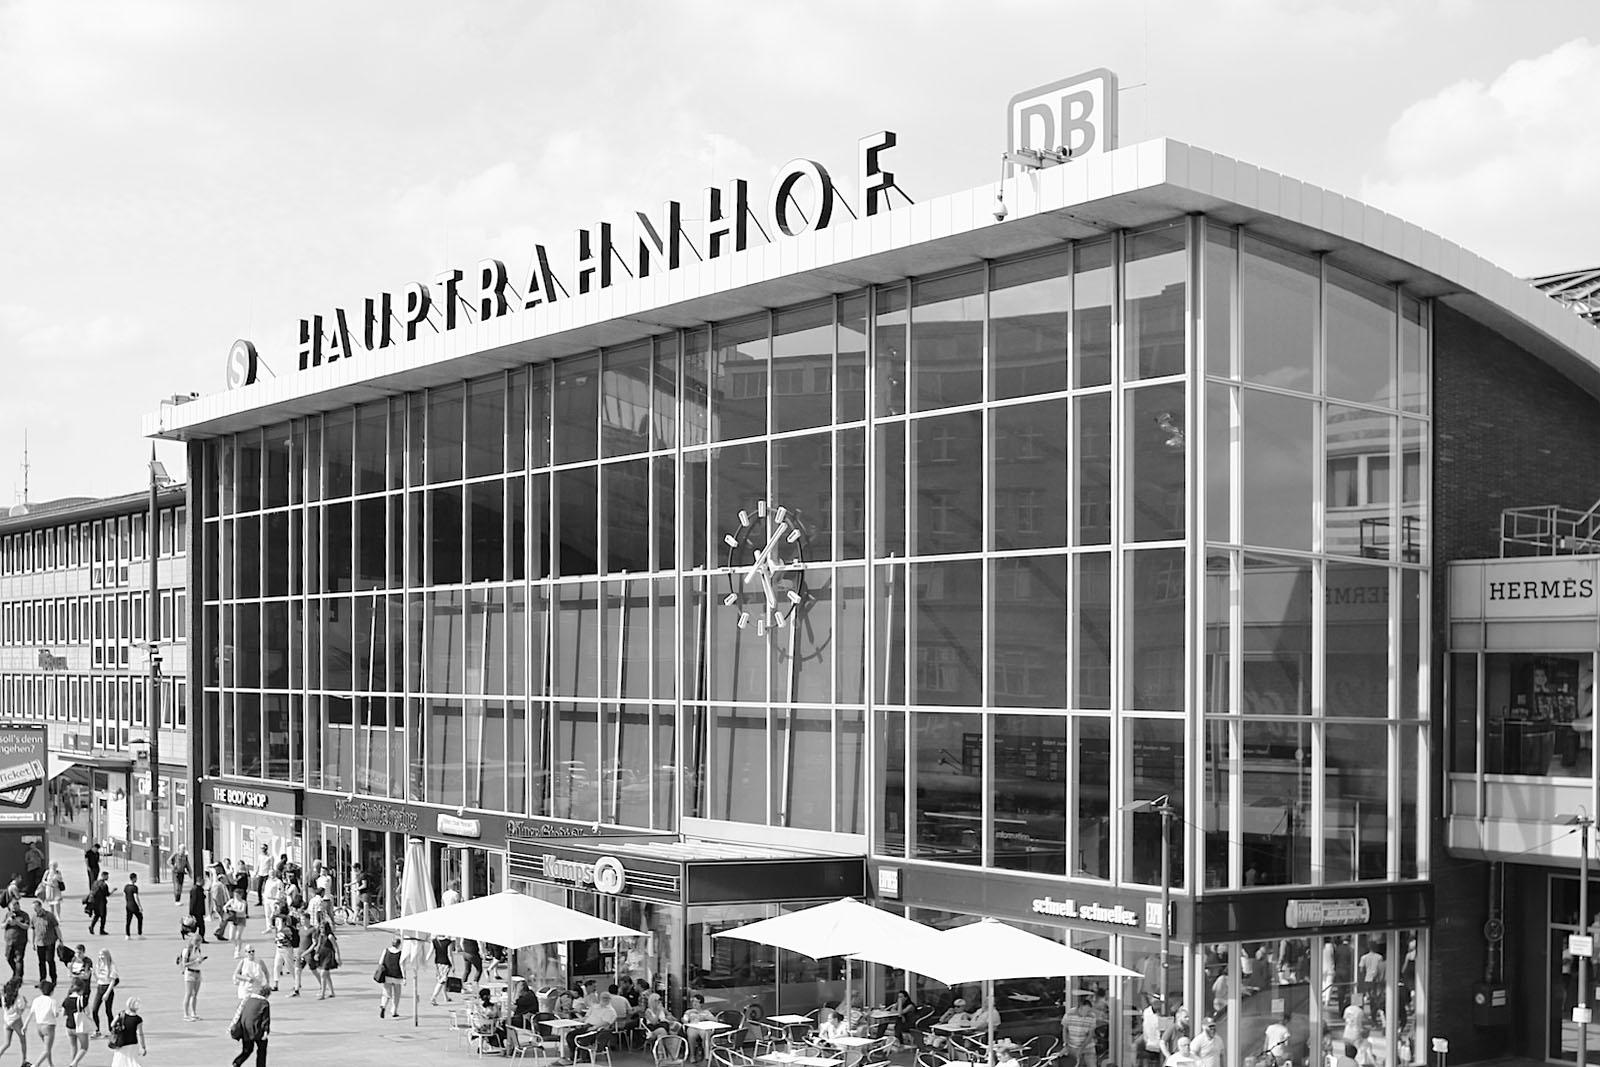 Hauptbahnhof. Im September 1957 wurde die Empfangshalle eröffnet. Die Architekten Schmitt und Schneider konzipierten ein transparentes, lichtes Bauwerk mit einer schalenförmigen Dachkonstruktion und einer voll verglasten Fassade. Eine Halle, die sich dem Bahnhofsvorplatz und der Stadt hin öffnet.